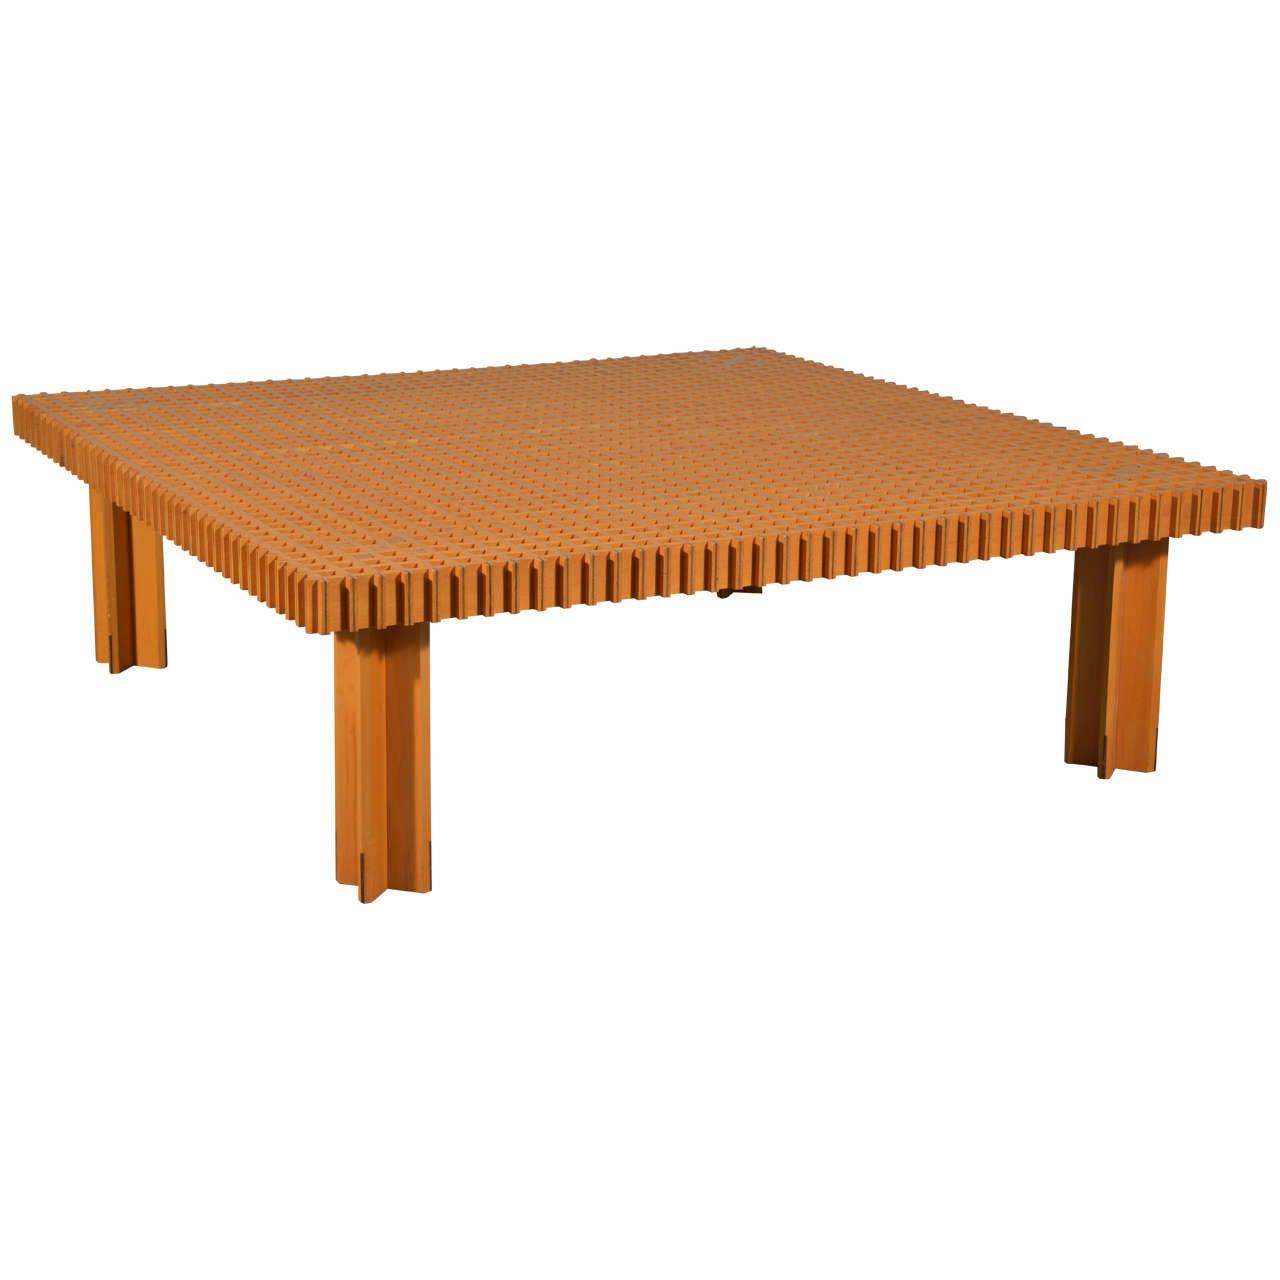 gianfranco frattini kyoto coffee table knoll at 1stdibs